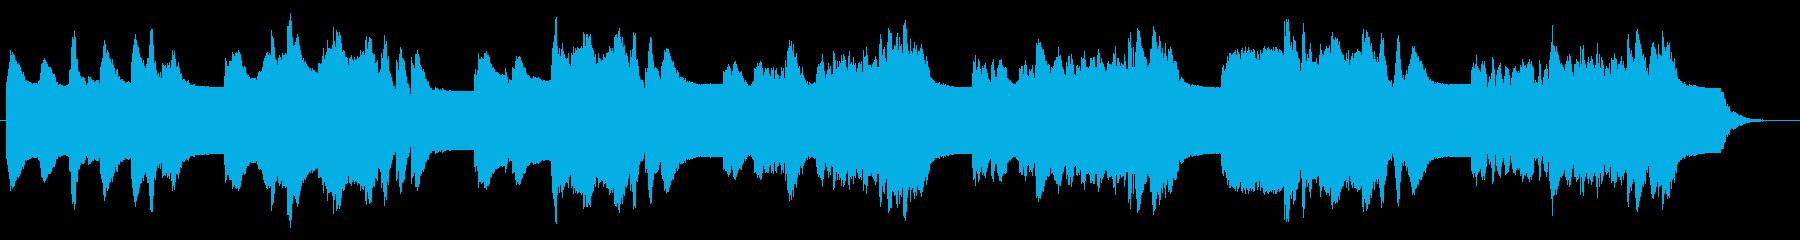 横断歩道 誘導音02-3の再生済みの波形